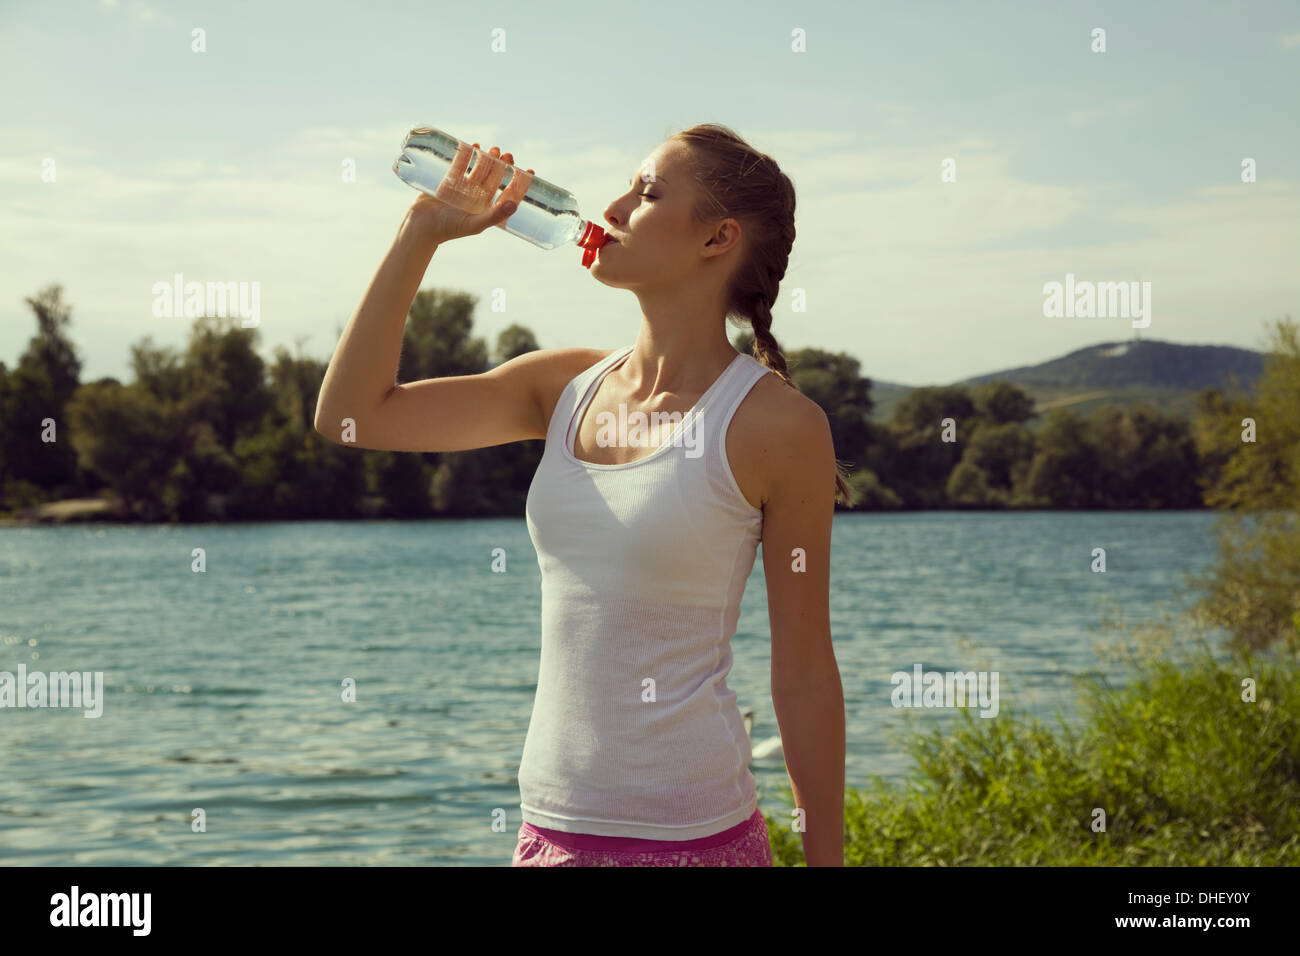 Young female jogger de boire de l'eau en bouteille Photo Stock